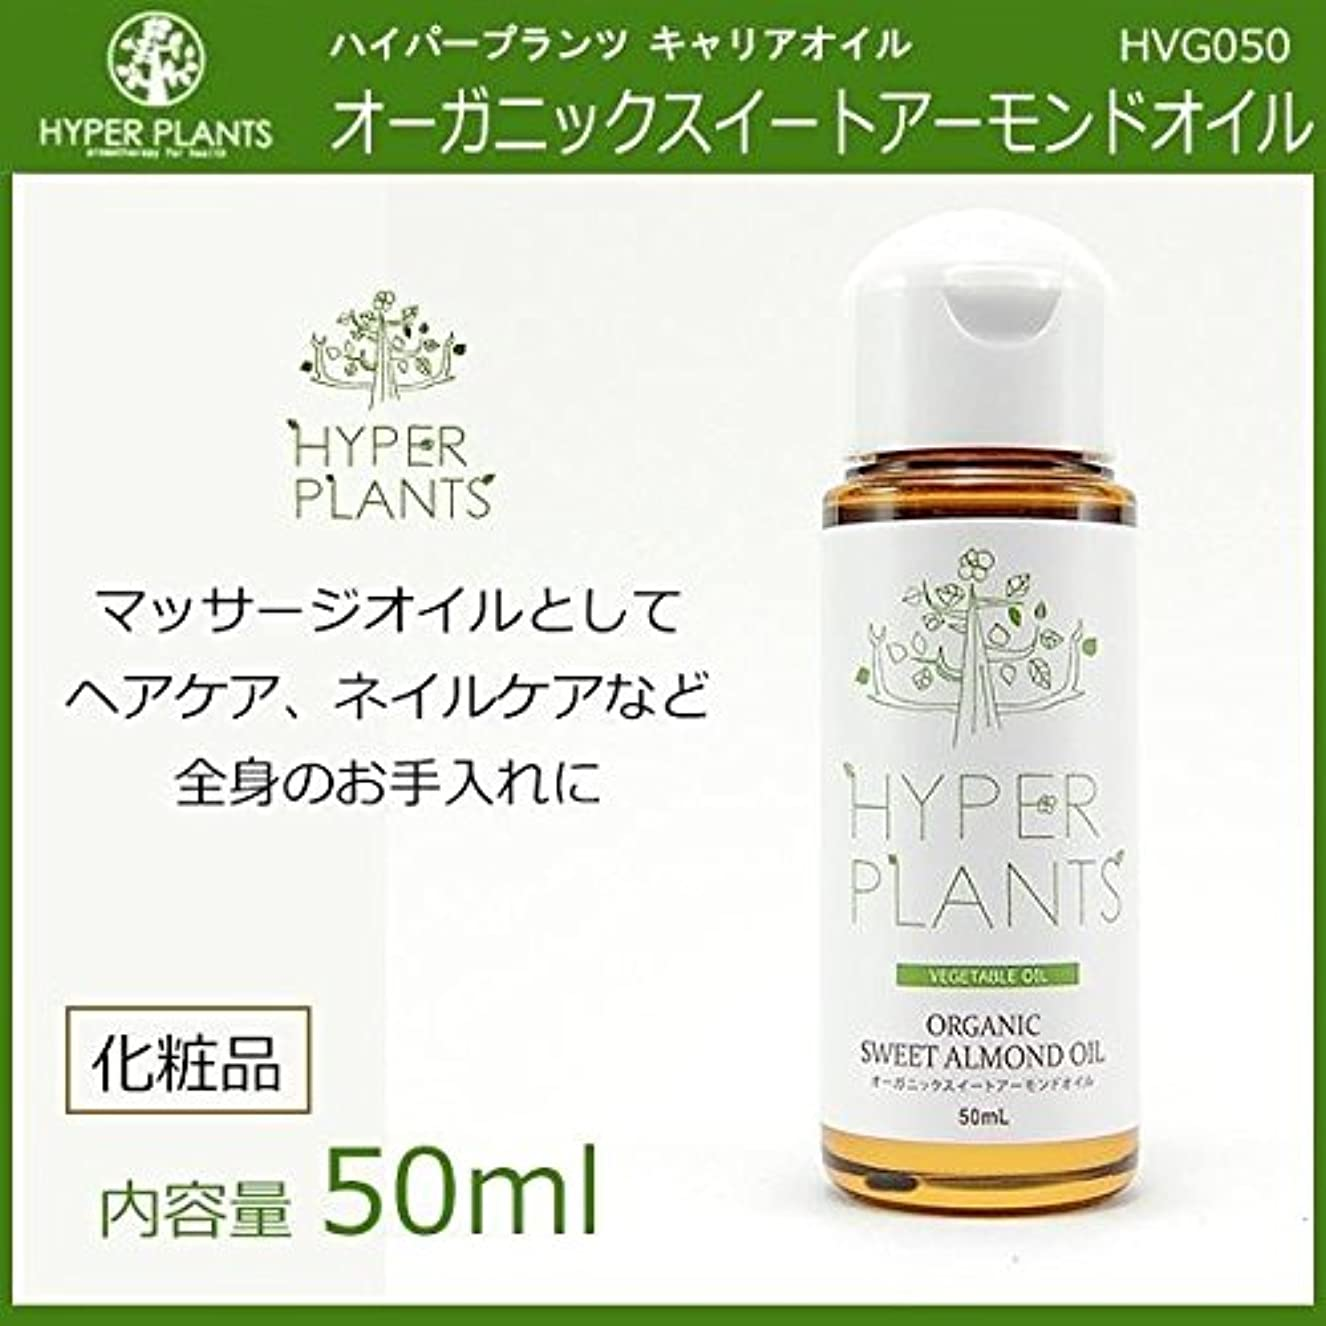 サスペンド発信訴えるHYPER PLANTS ハイパープランツ キャリアオイル オーガニックスイートアーモンドオイル 50ml HVG050